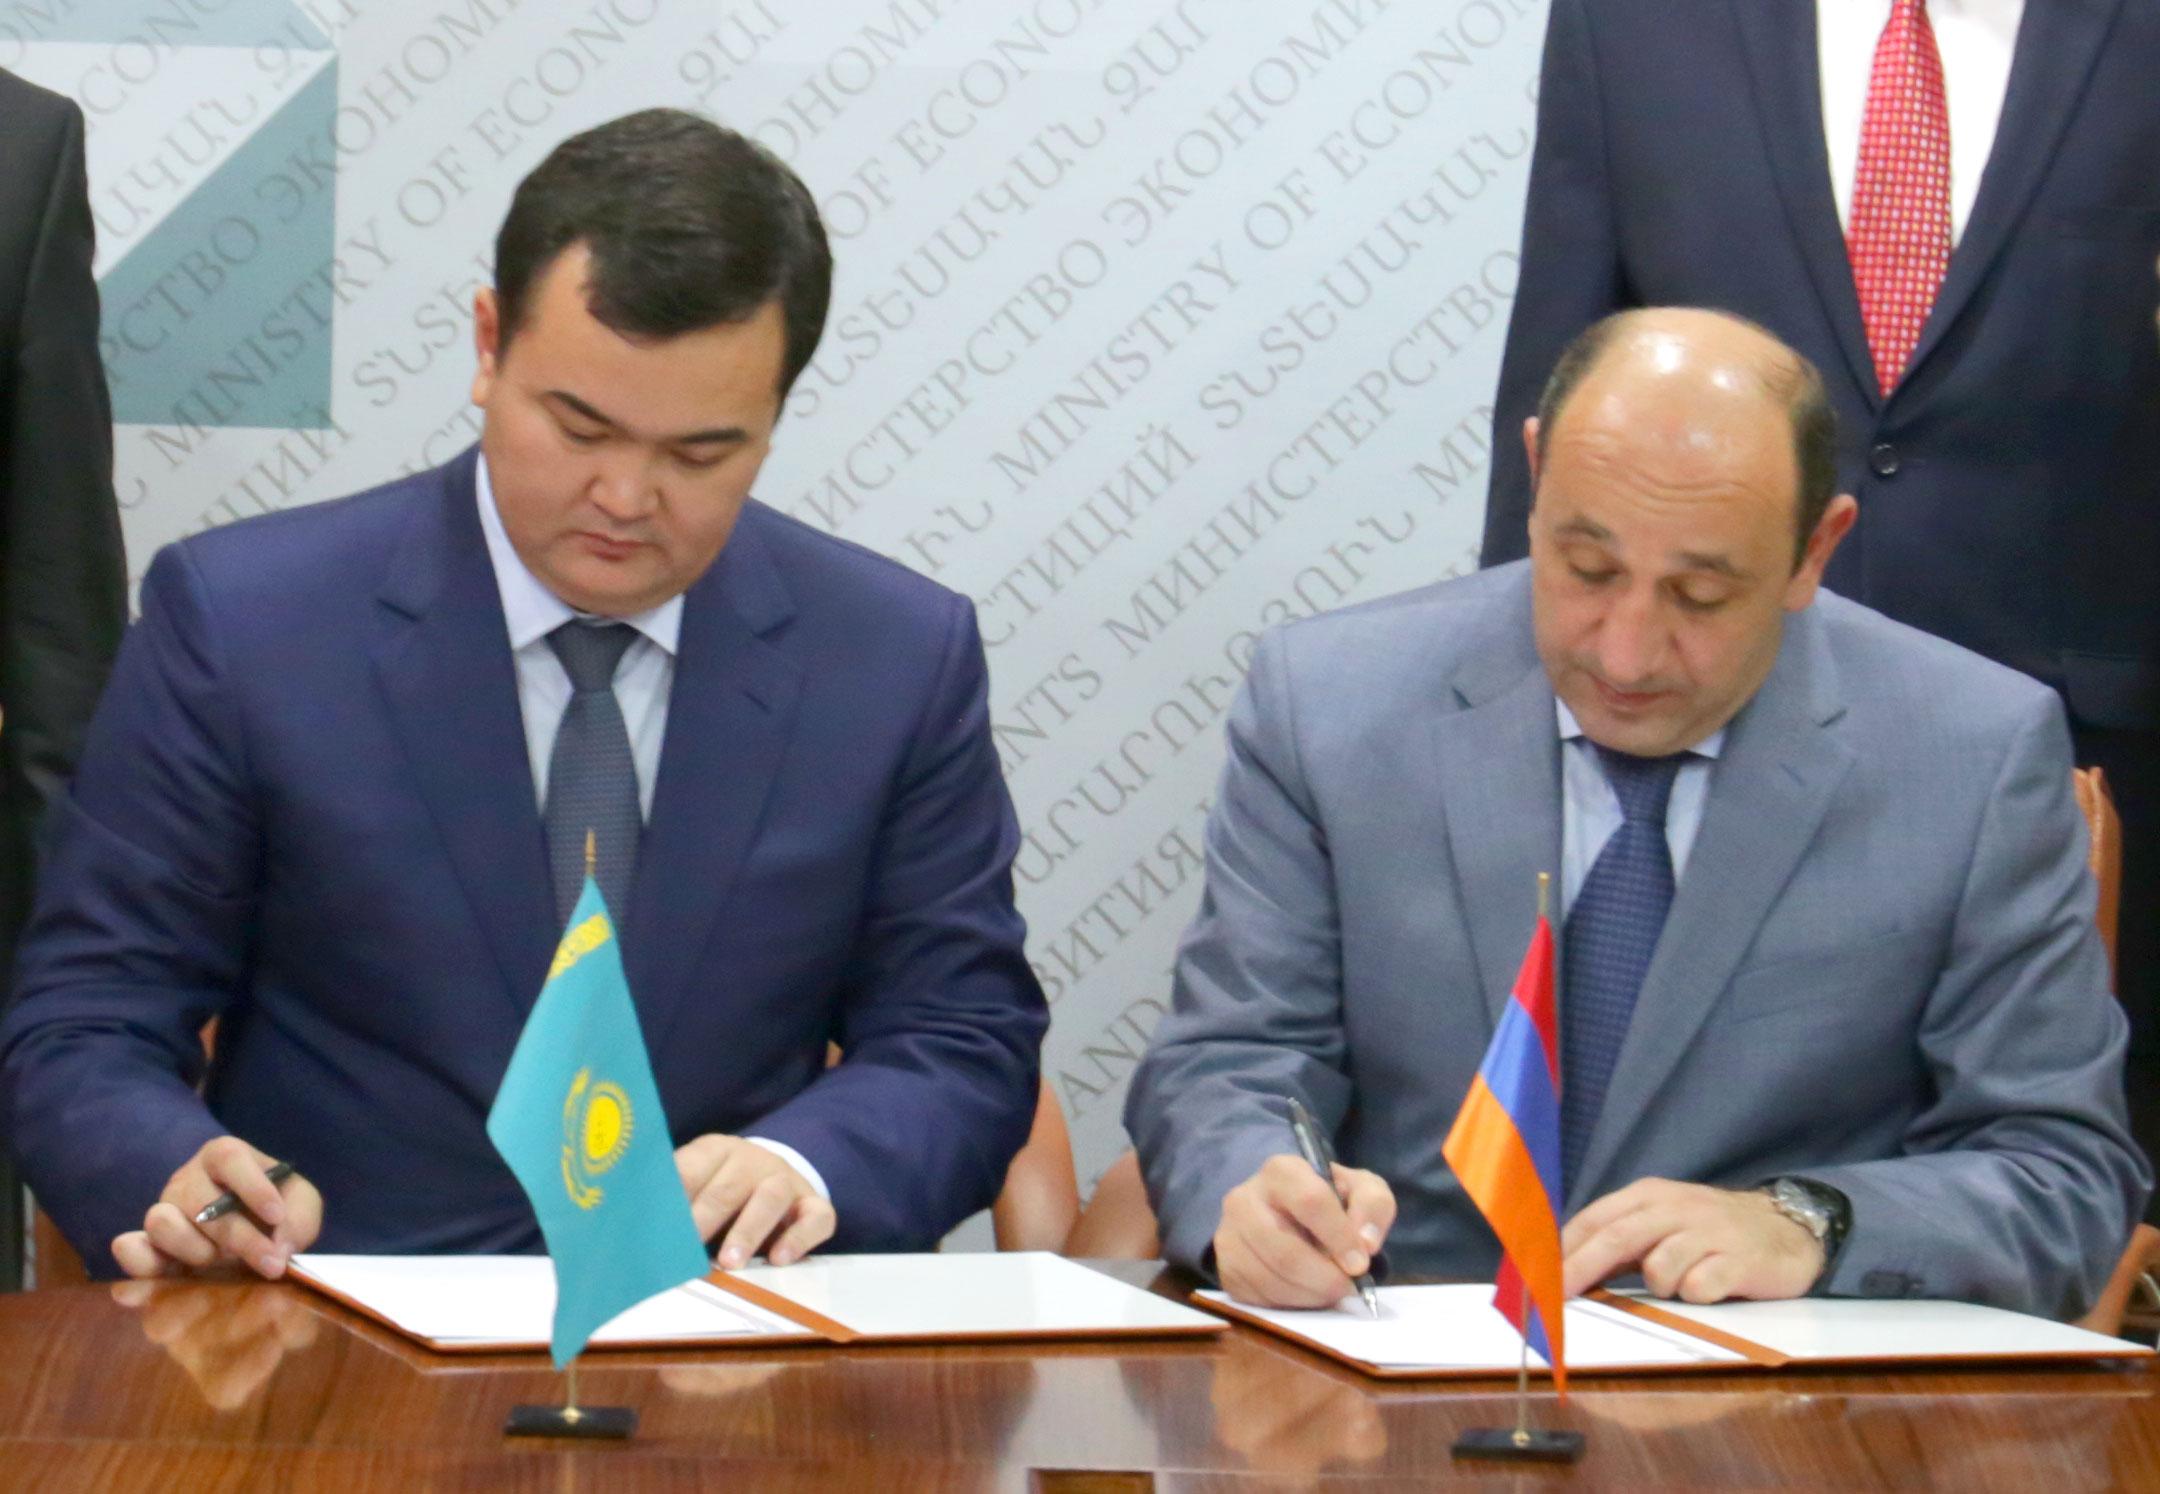 Սուրեն Կարայանը և Ժենիս Կասիմբեկը ստորագրել են հայ-ղազախական միջկառավարական հանձնաժողովի նիստի արձանագրությունը